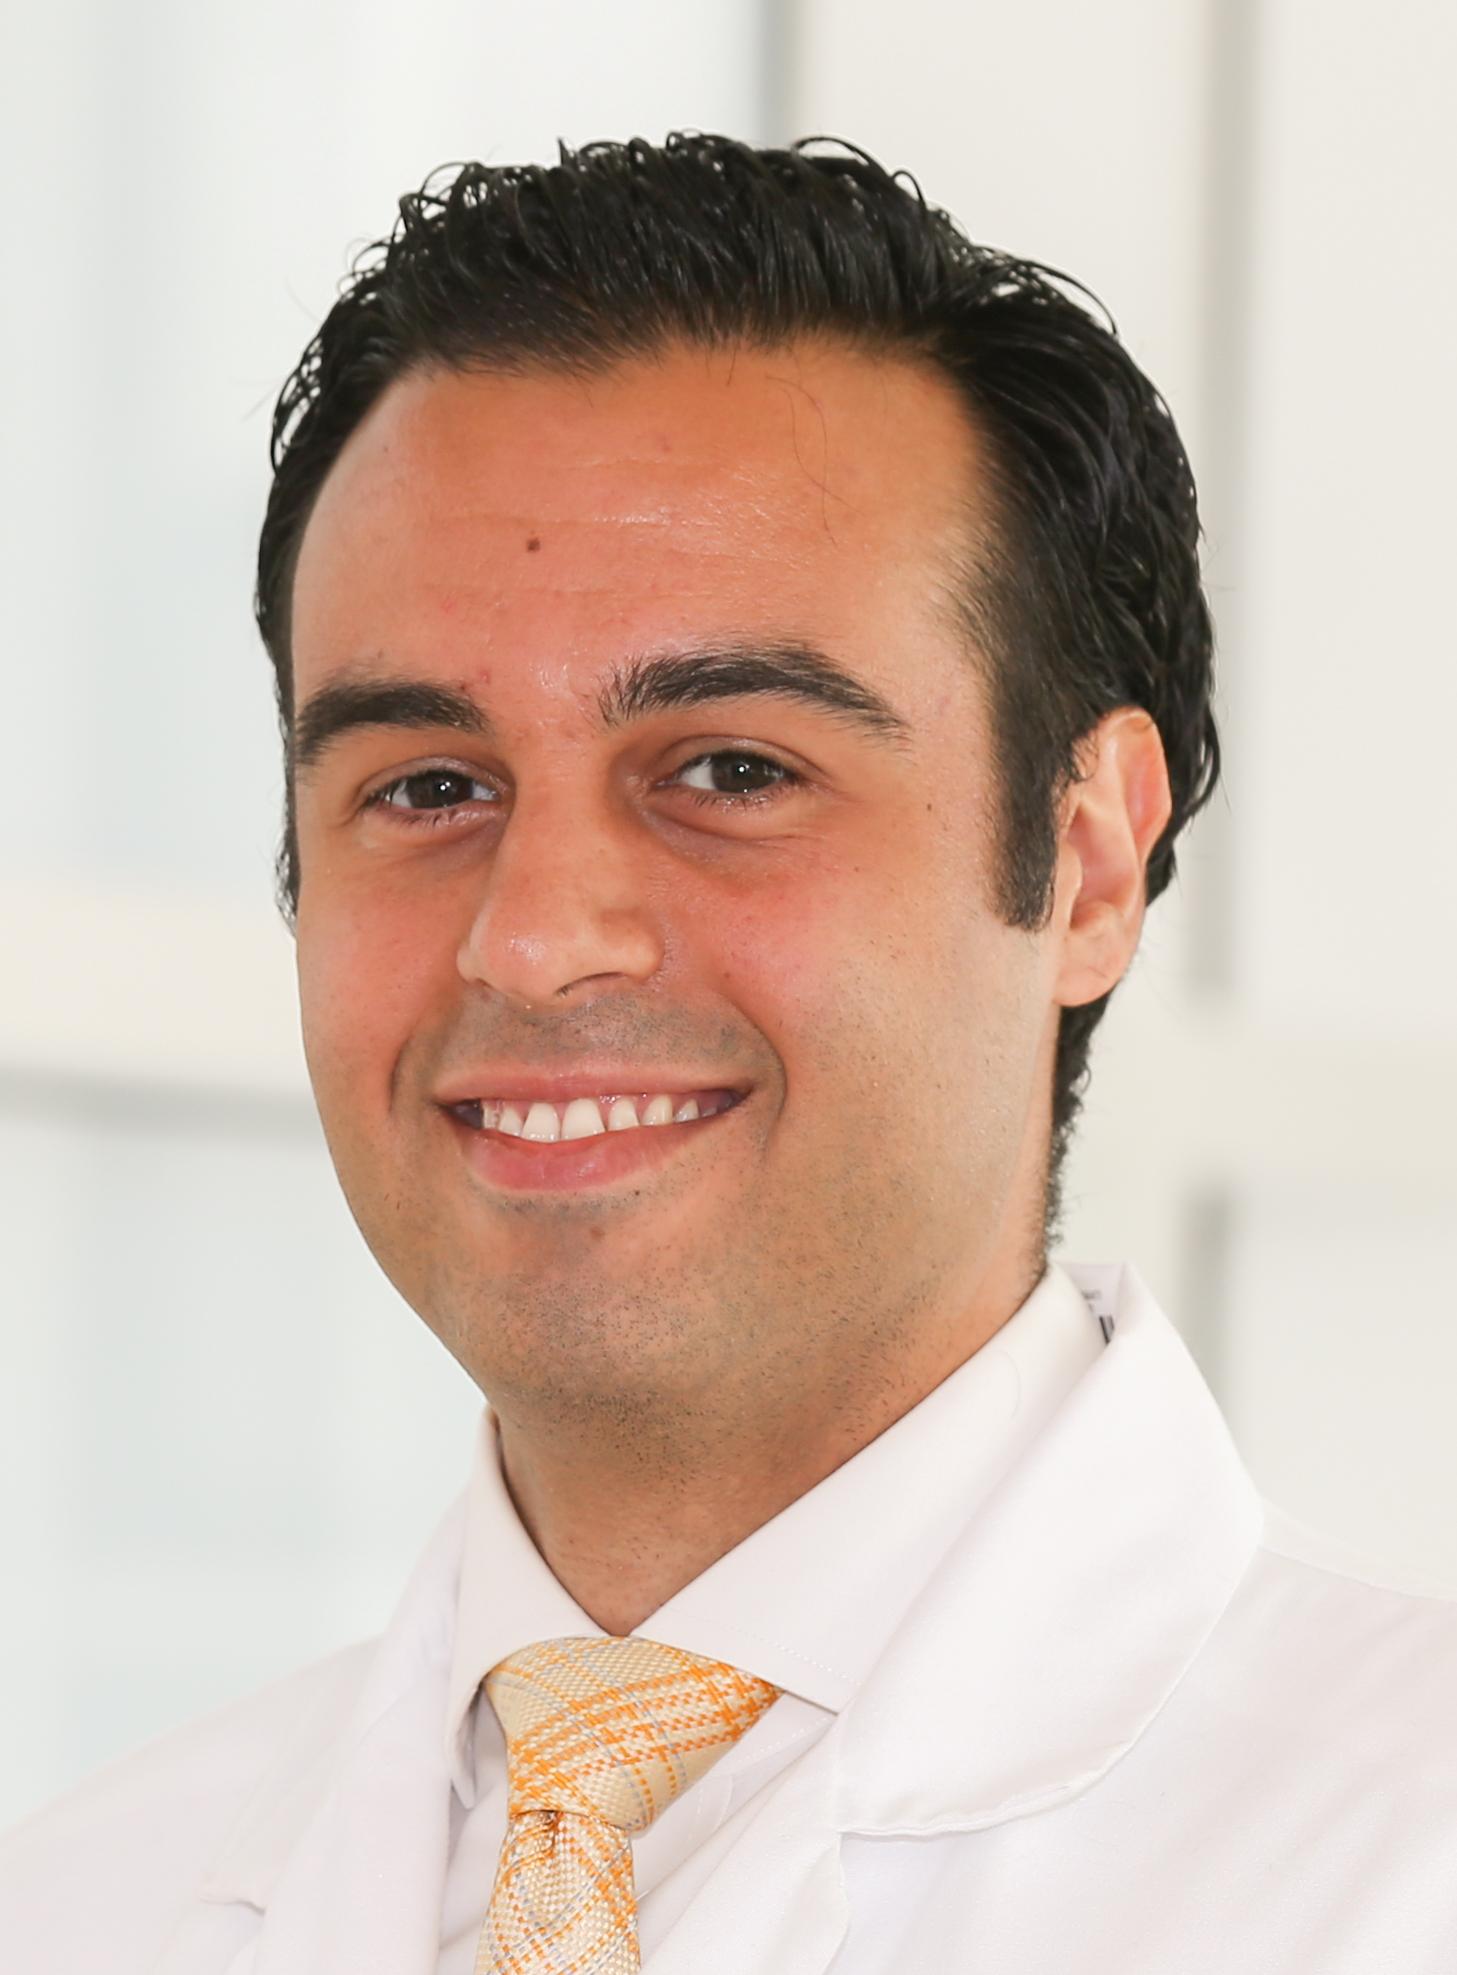 Michael Amirian, MD